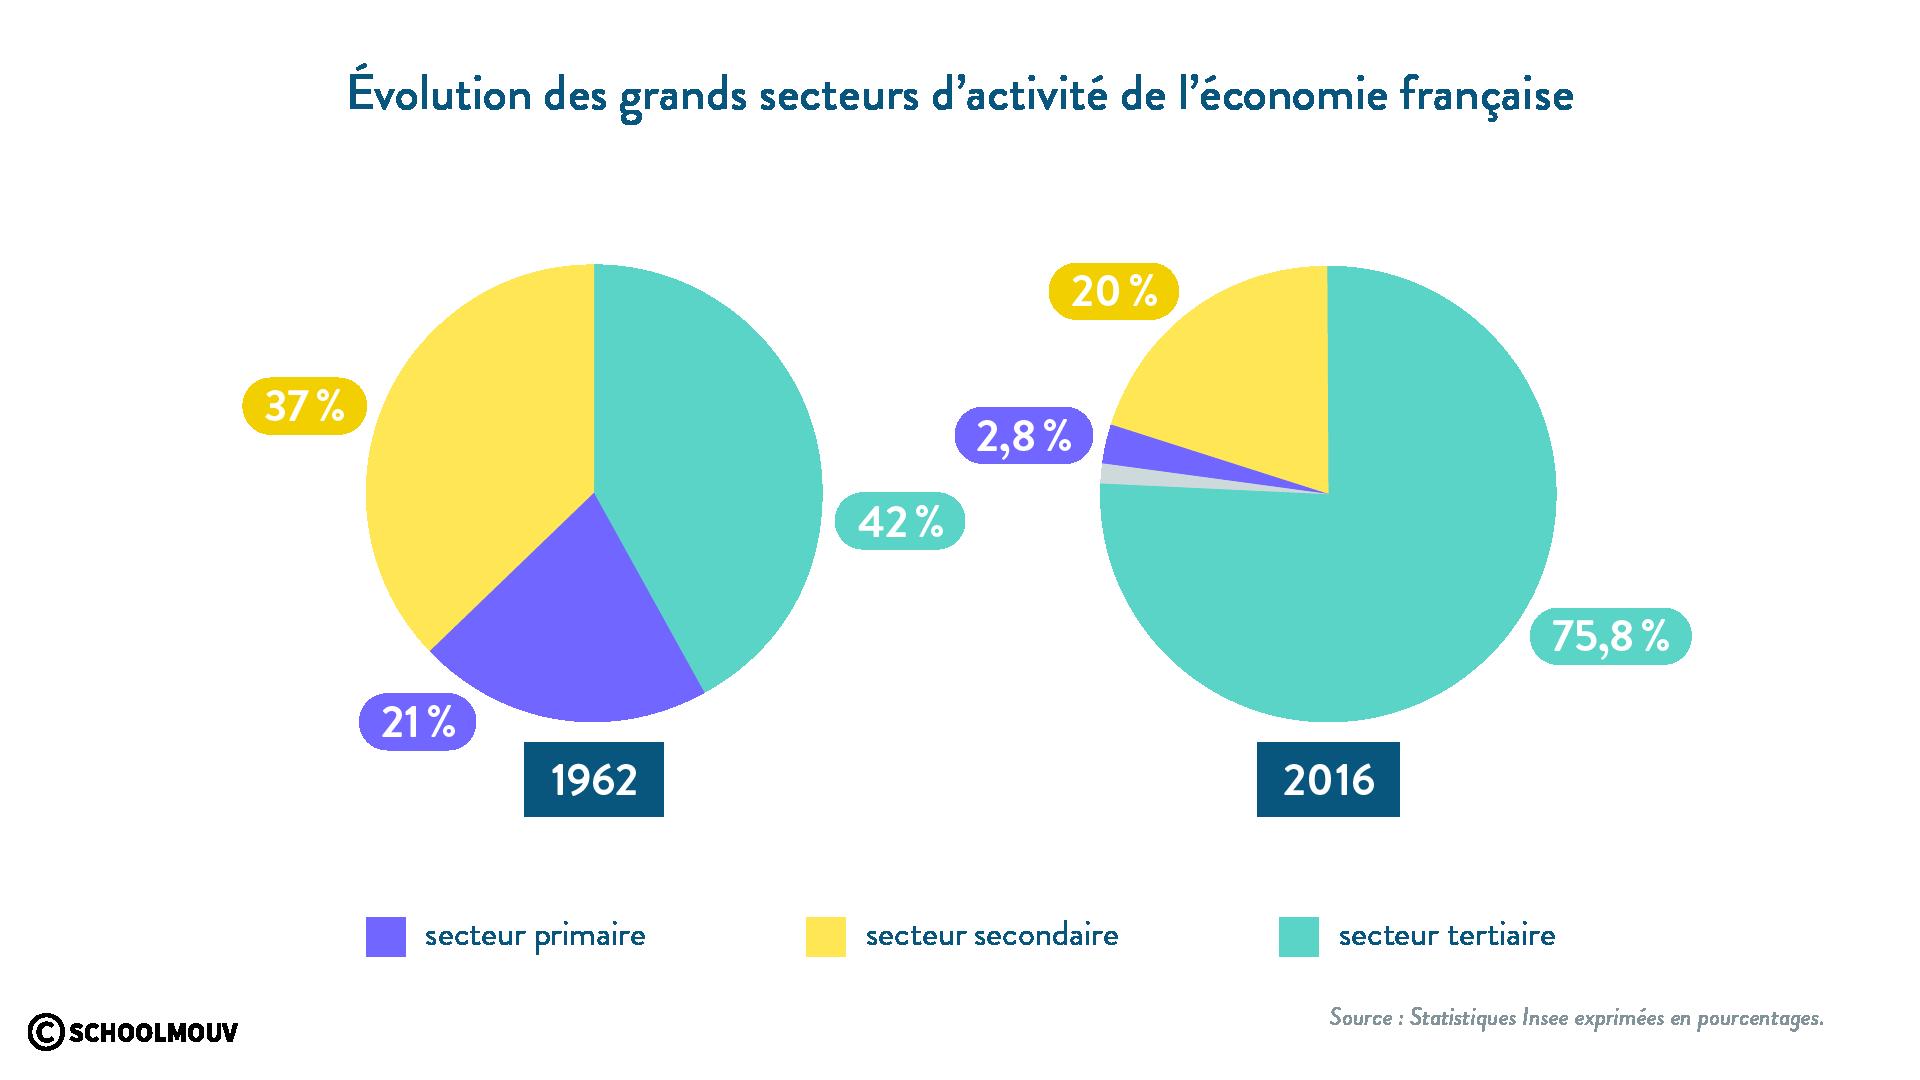 secteurs primaire secondaire tertiaire part dans l'économie